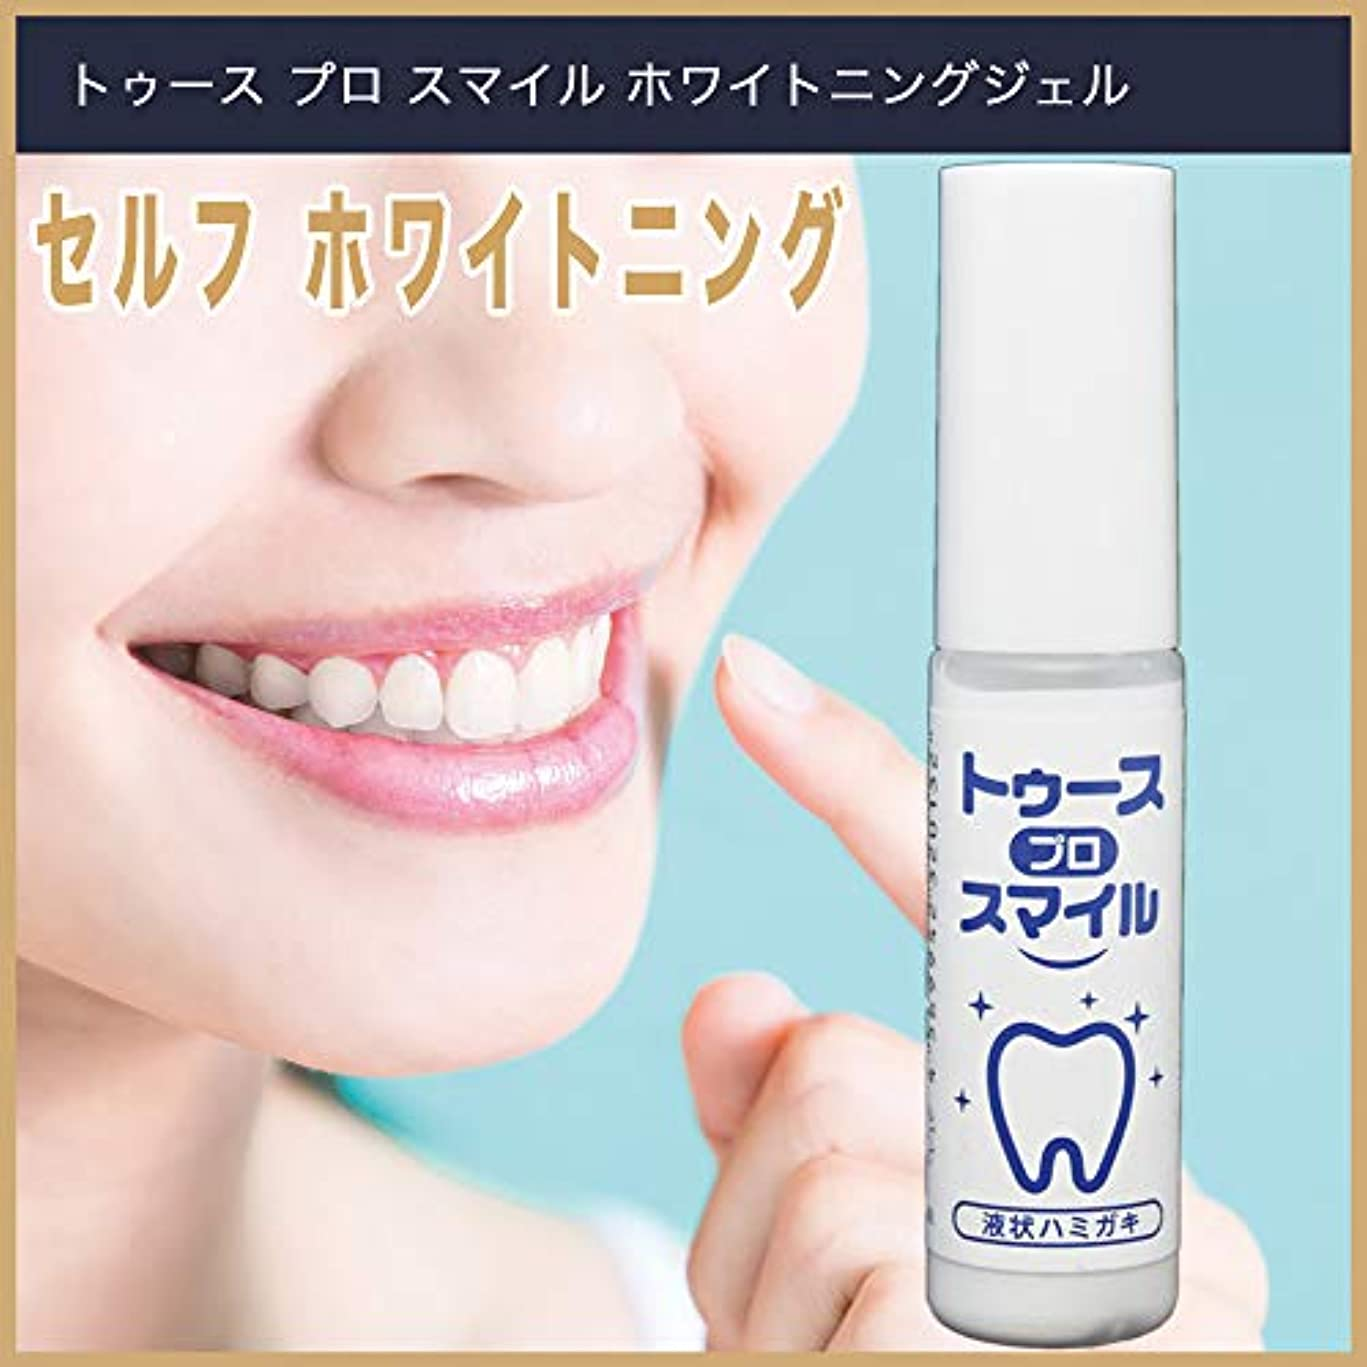 残基意欲同意【日本製】ホワイトニング ジェル「トゥース プロ スマイル」15ml / LEDホワイトニング機器用 口腔化粧品/歯 セルフホワイトニング